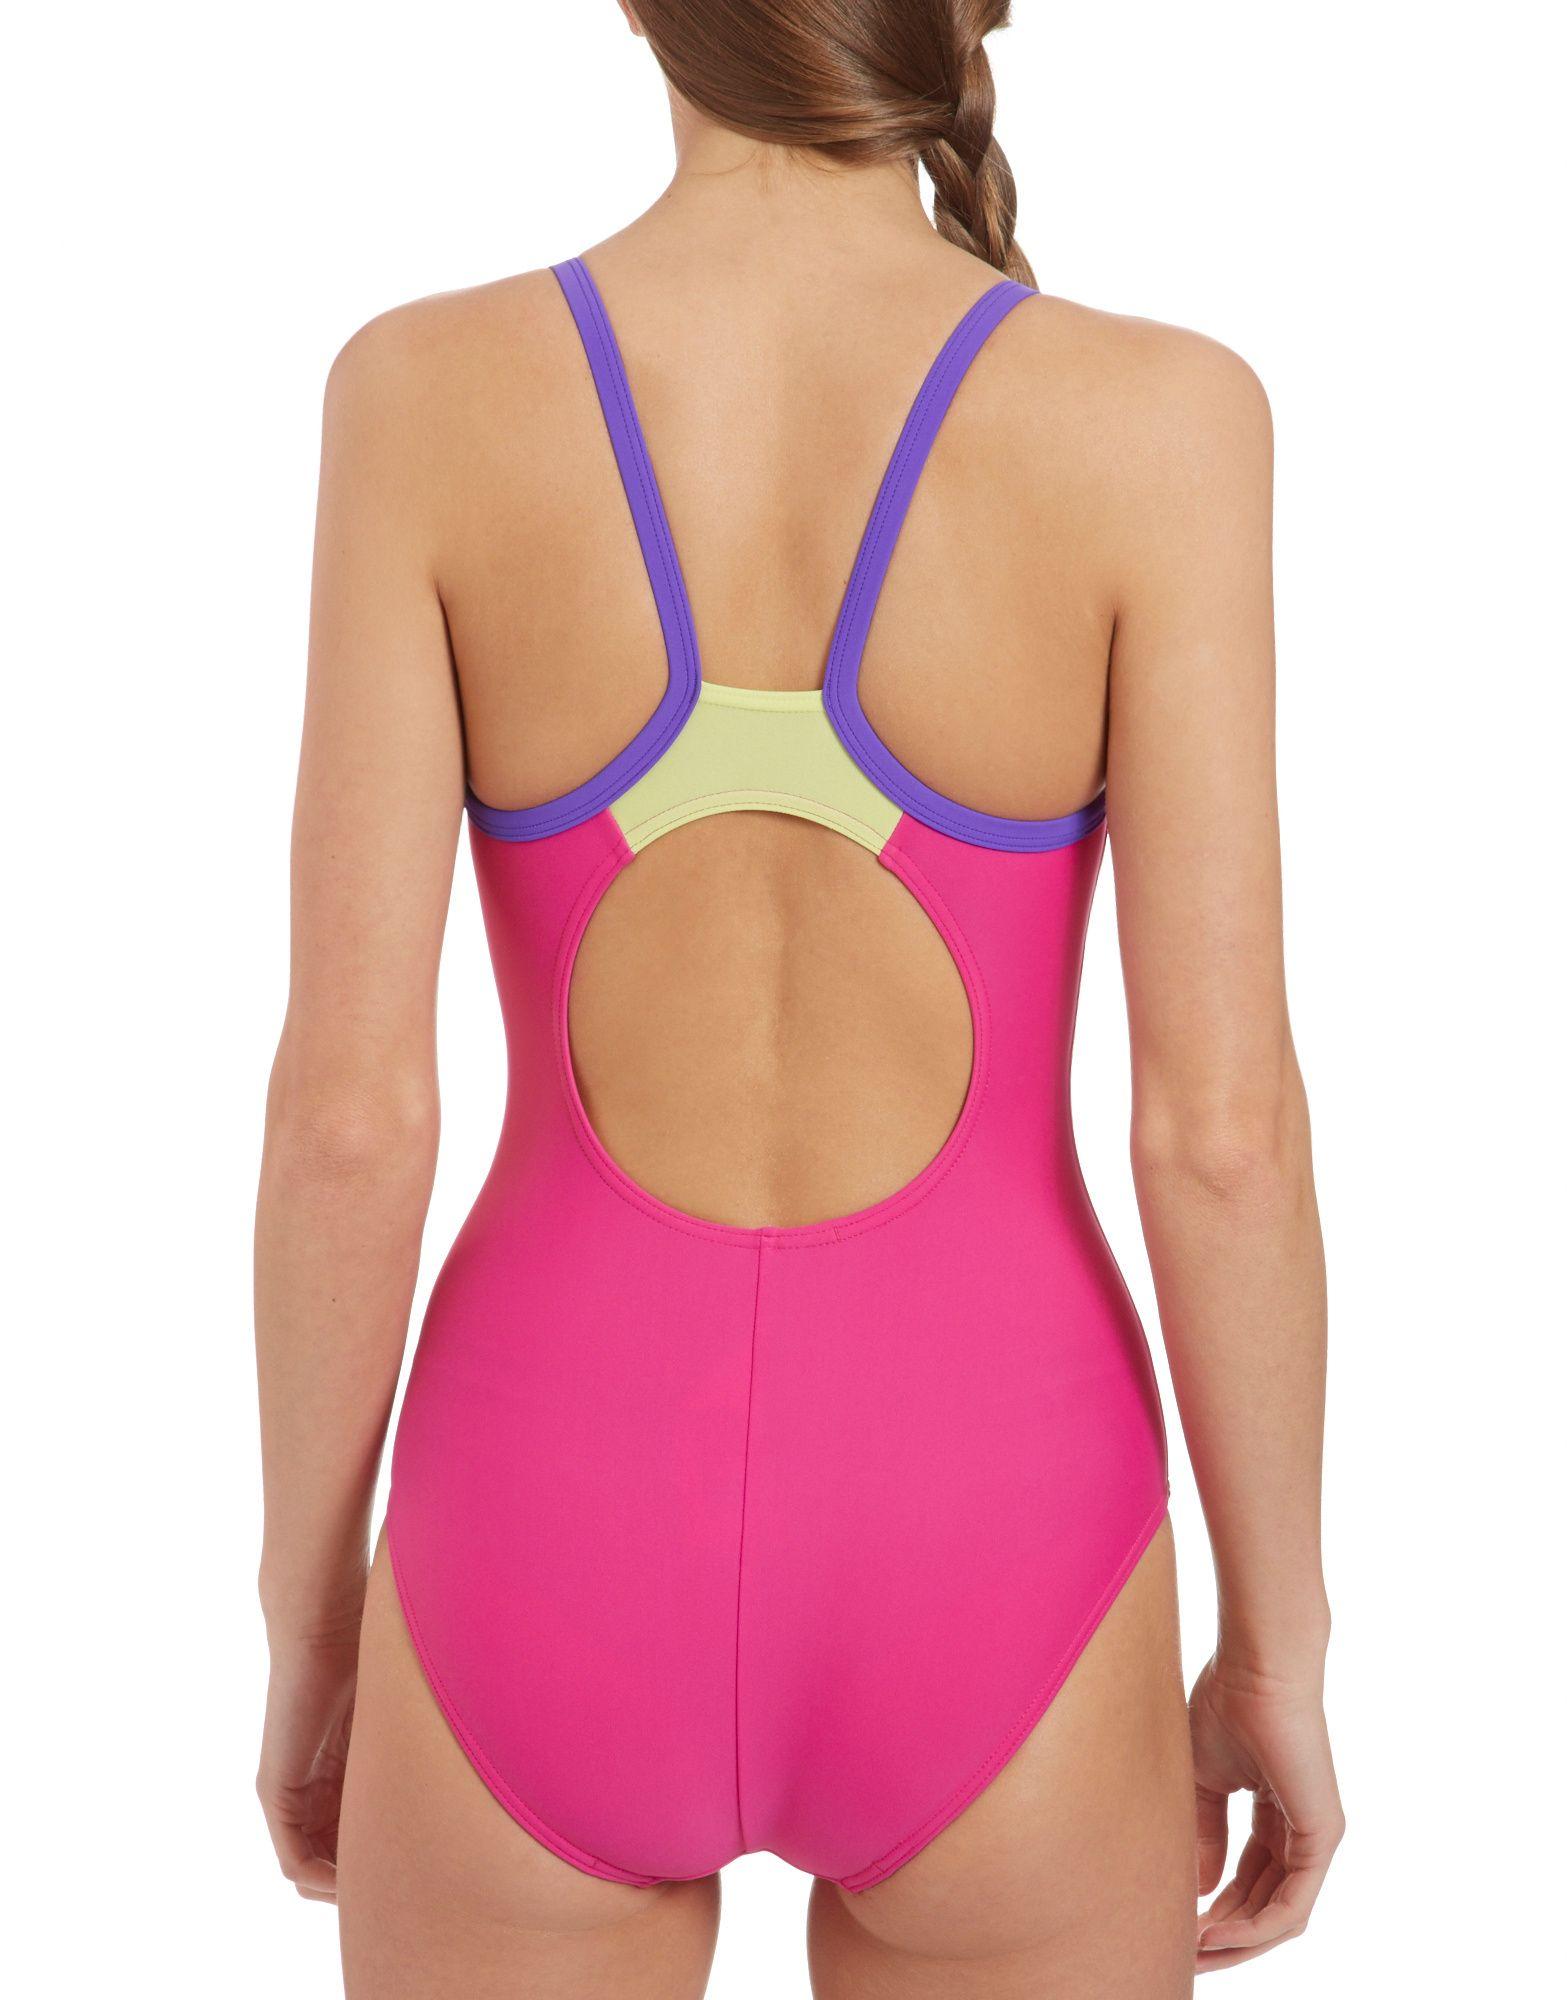 Speedo Powerflash Thin Strap Muscleback Swimsuit